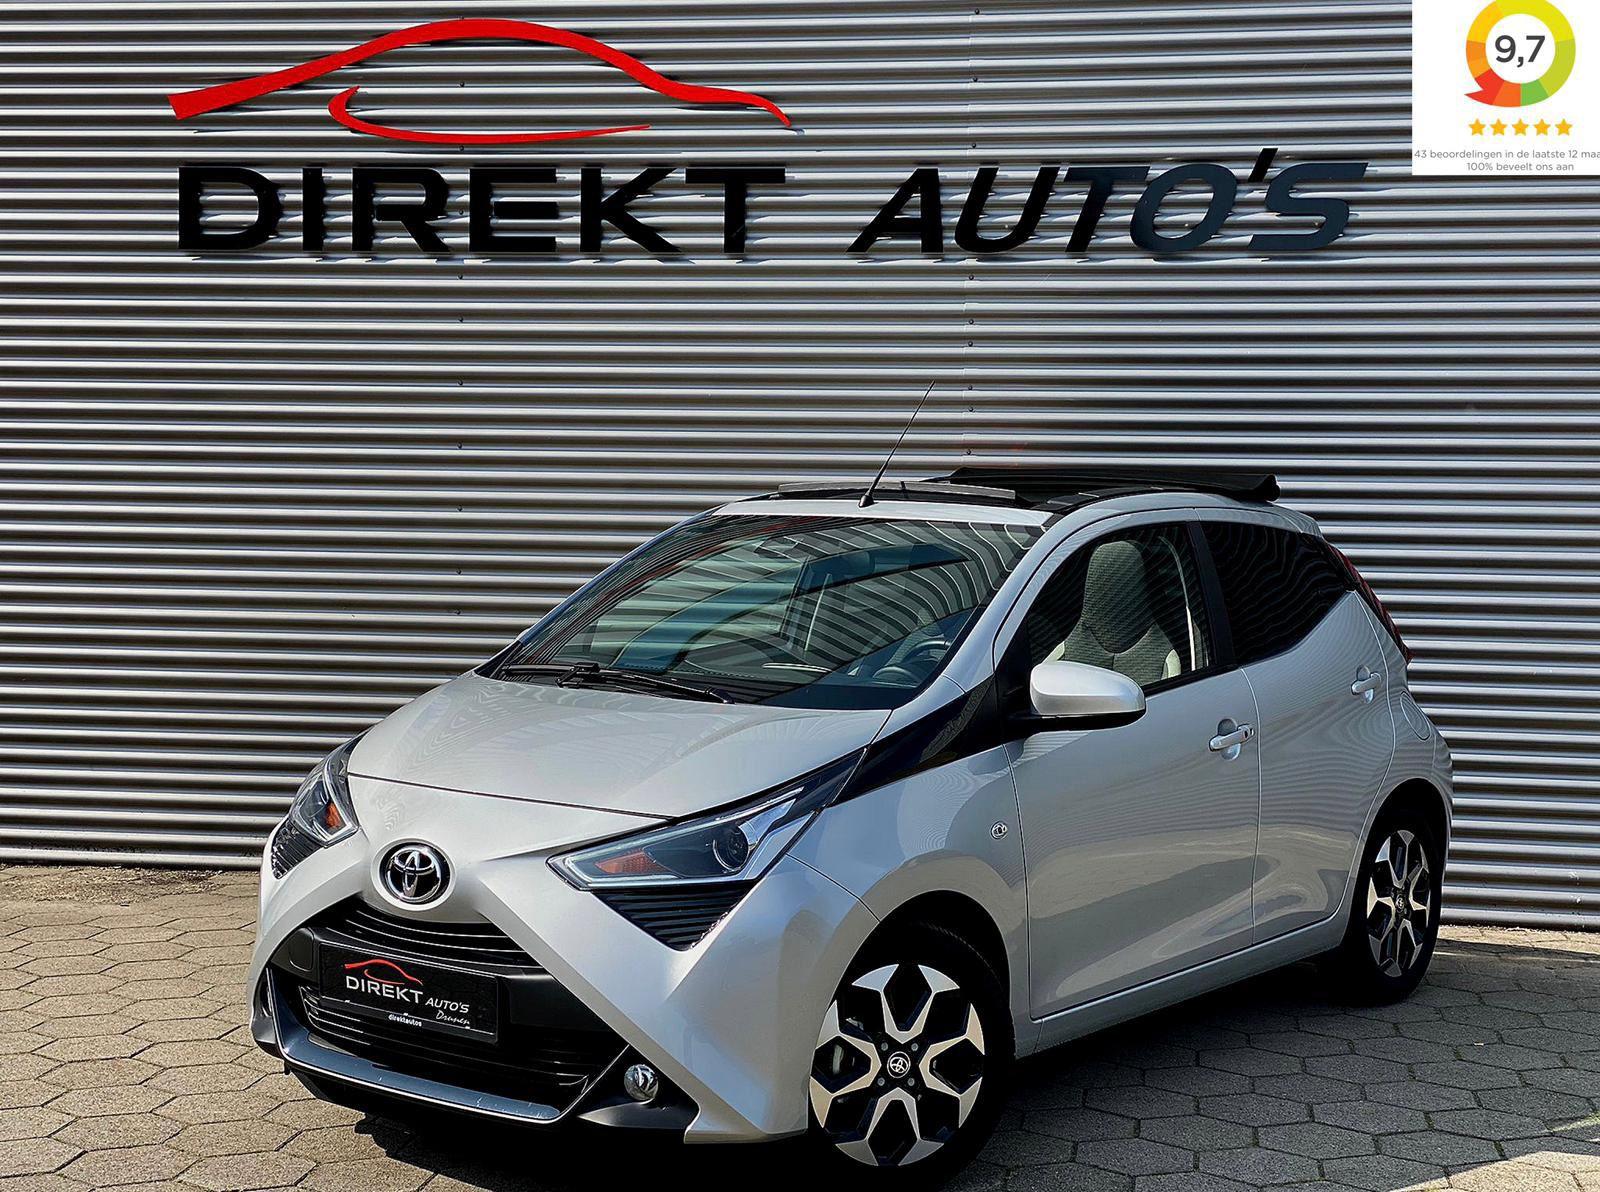 Toyota Aygo occasion - Direkt Auto's